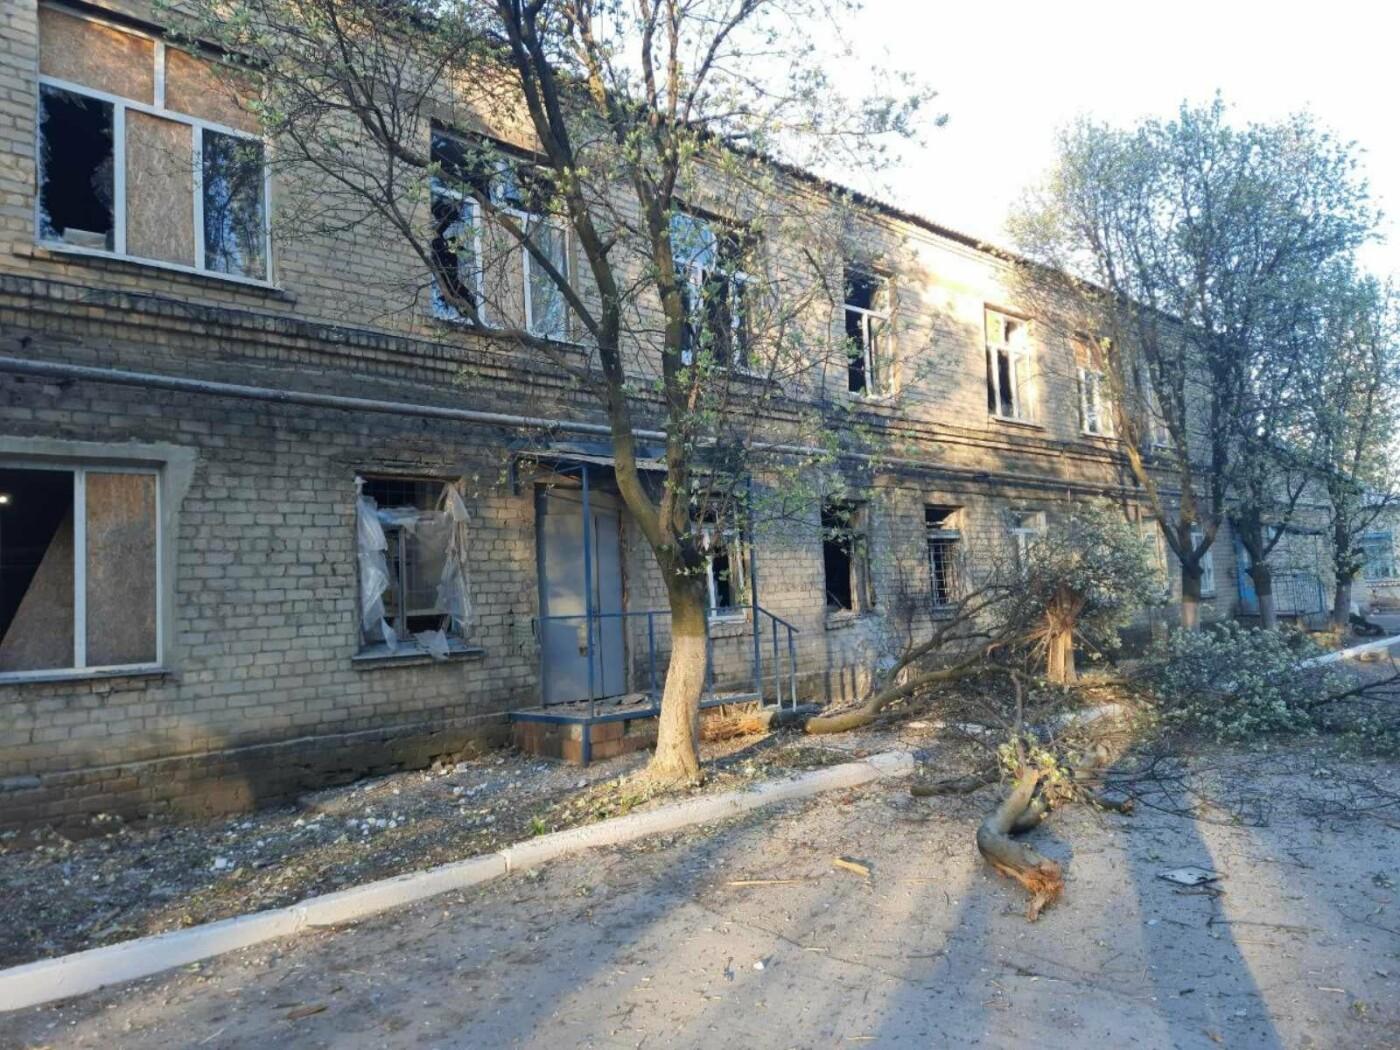 Окупанти обстріляли лікарню на Донеччині, у якій лікують хворих на COVID-19 (ФОТО), фото-2